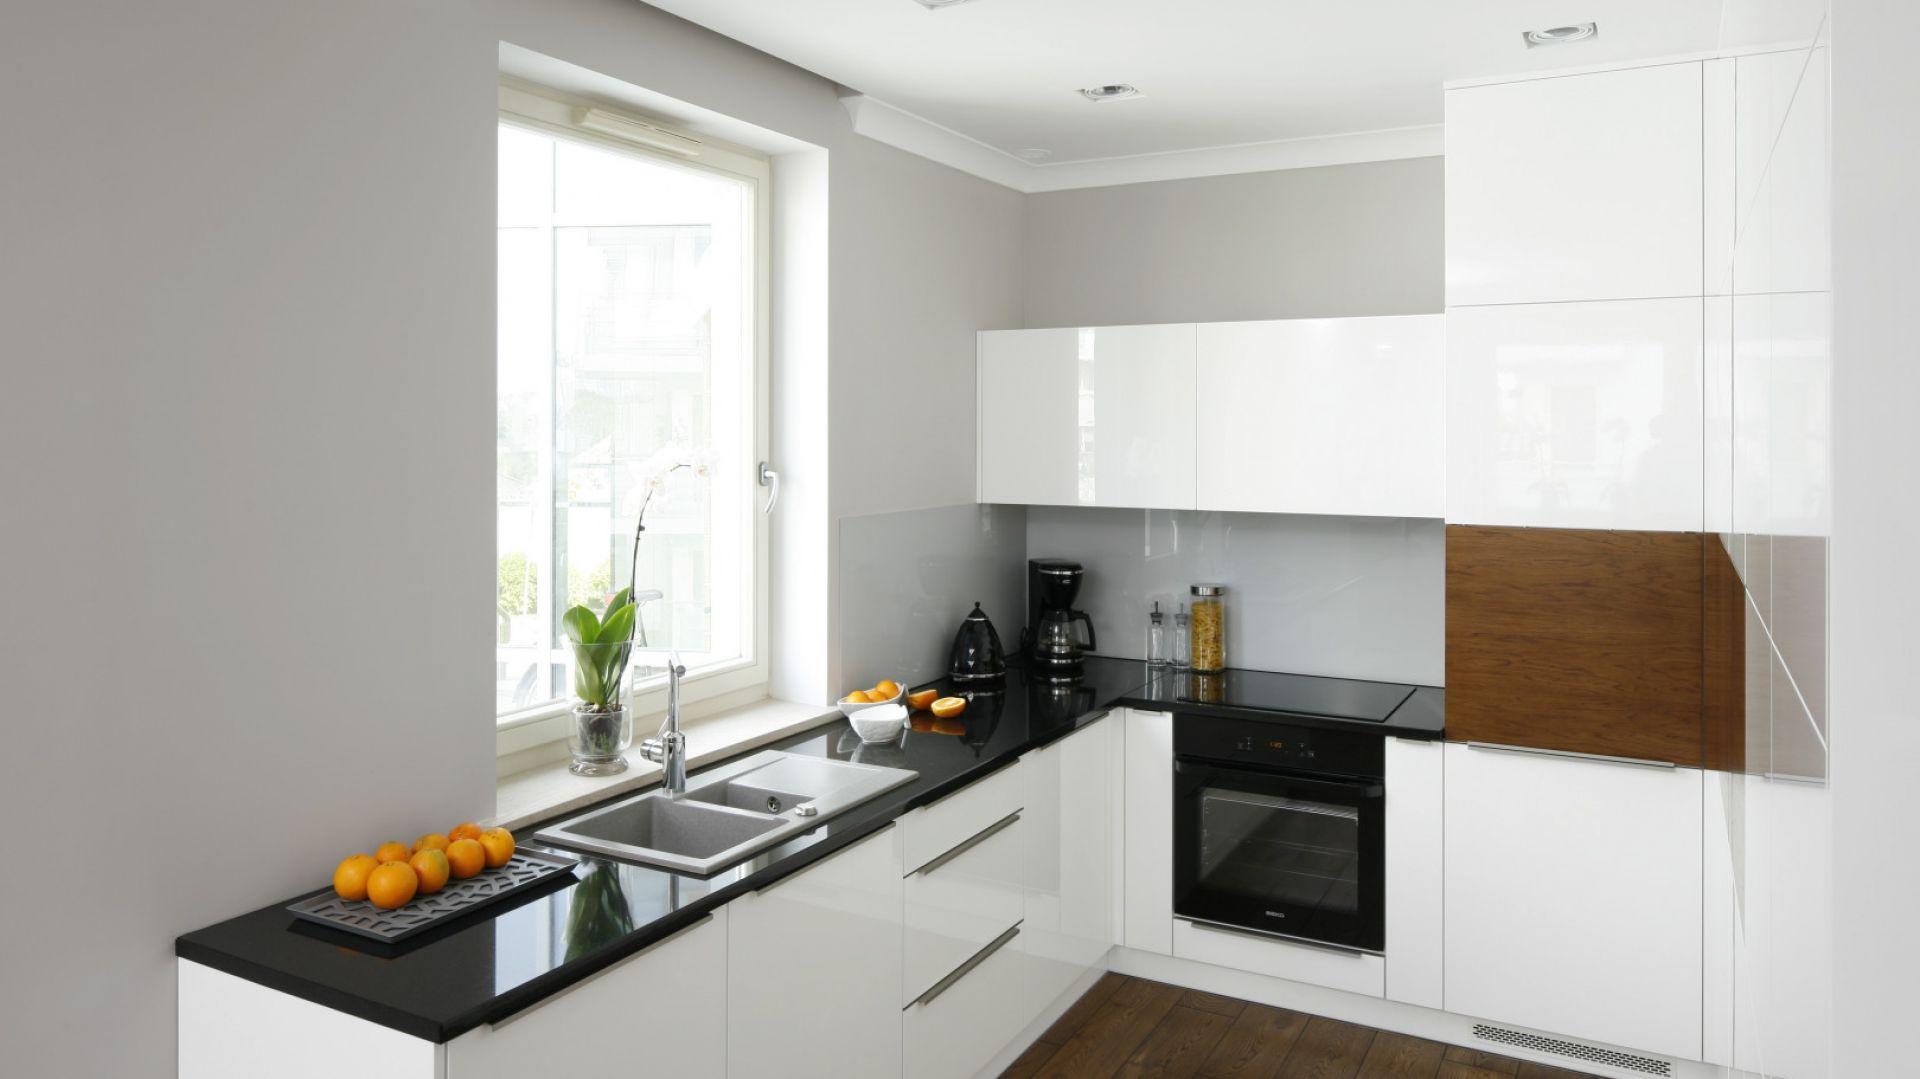 Mała Kuchnia Pomysły Na Urządzenie